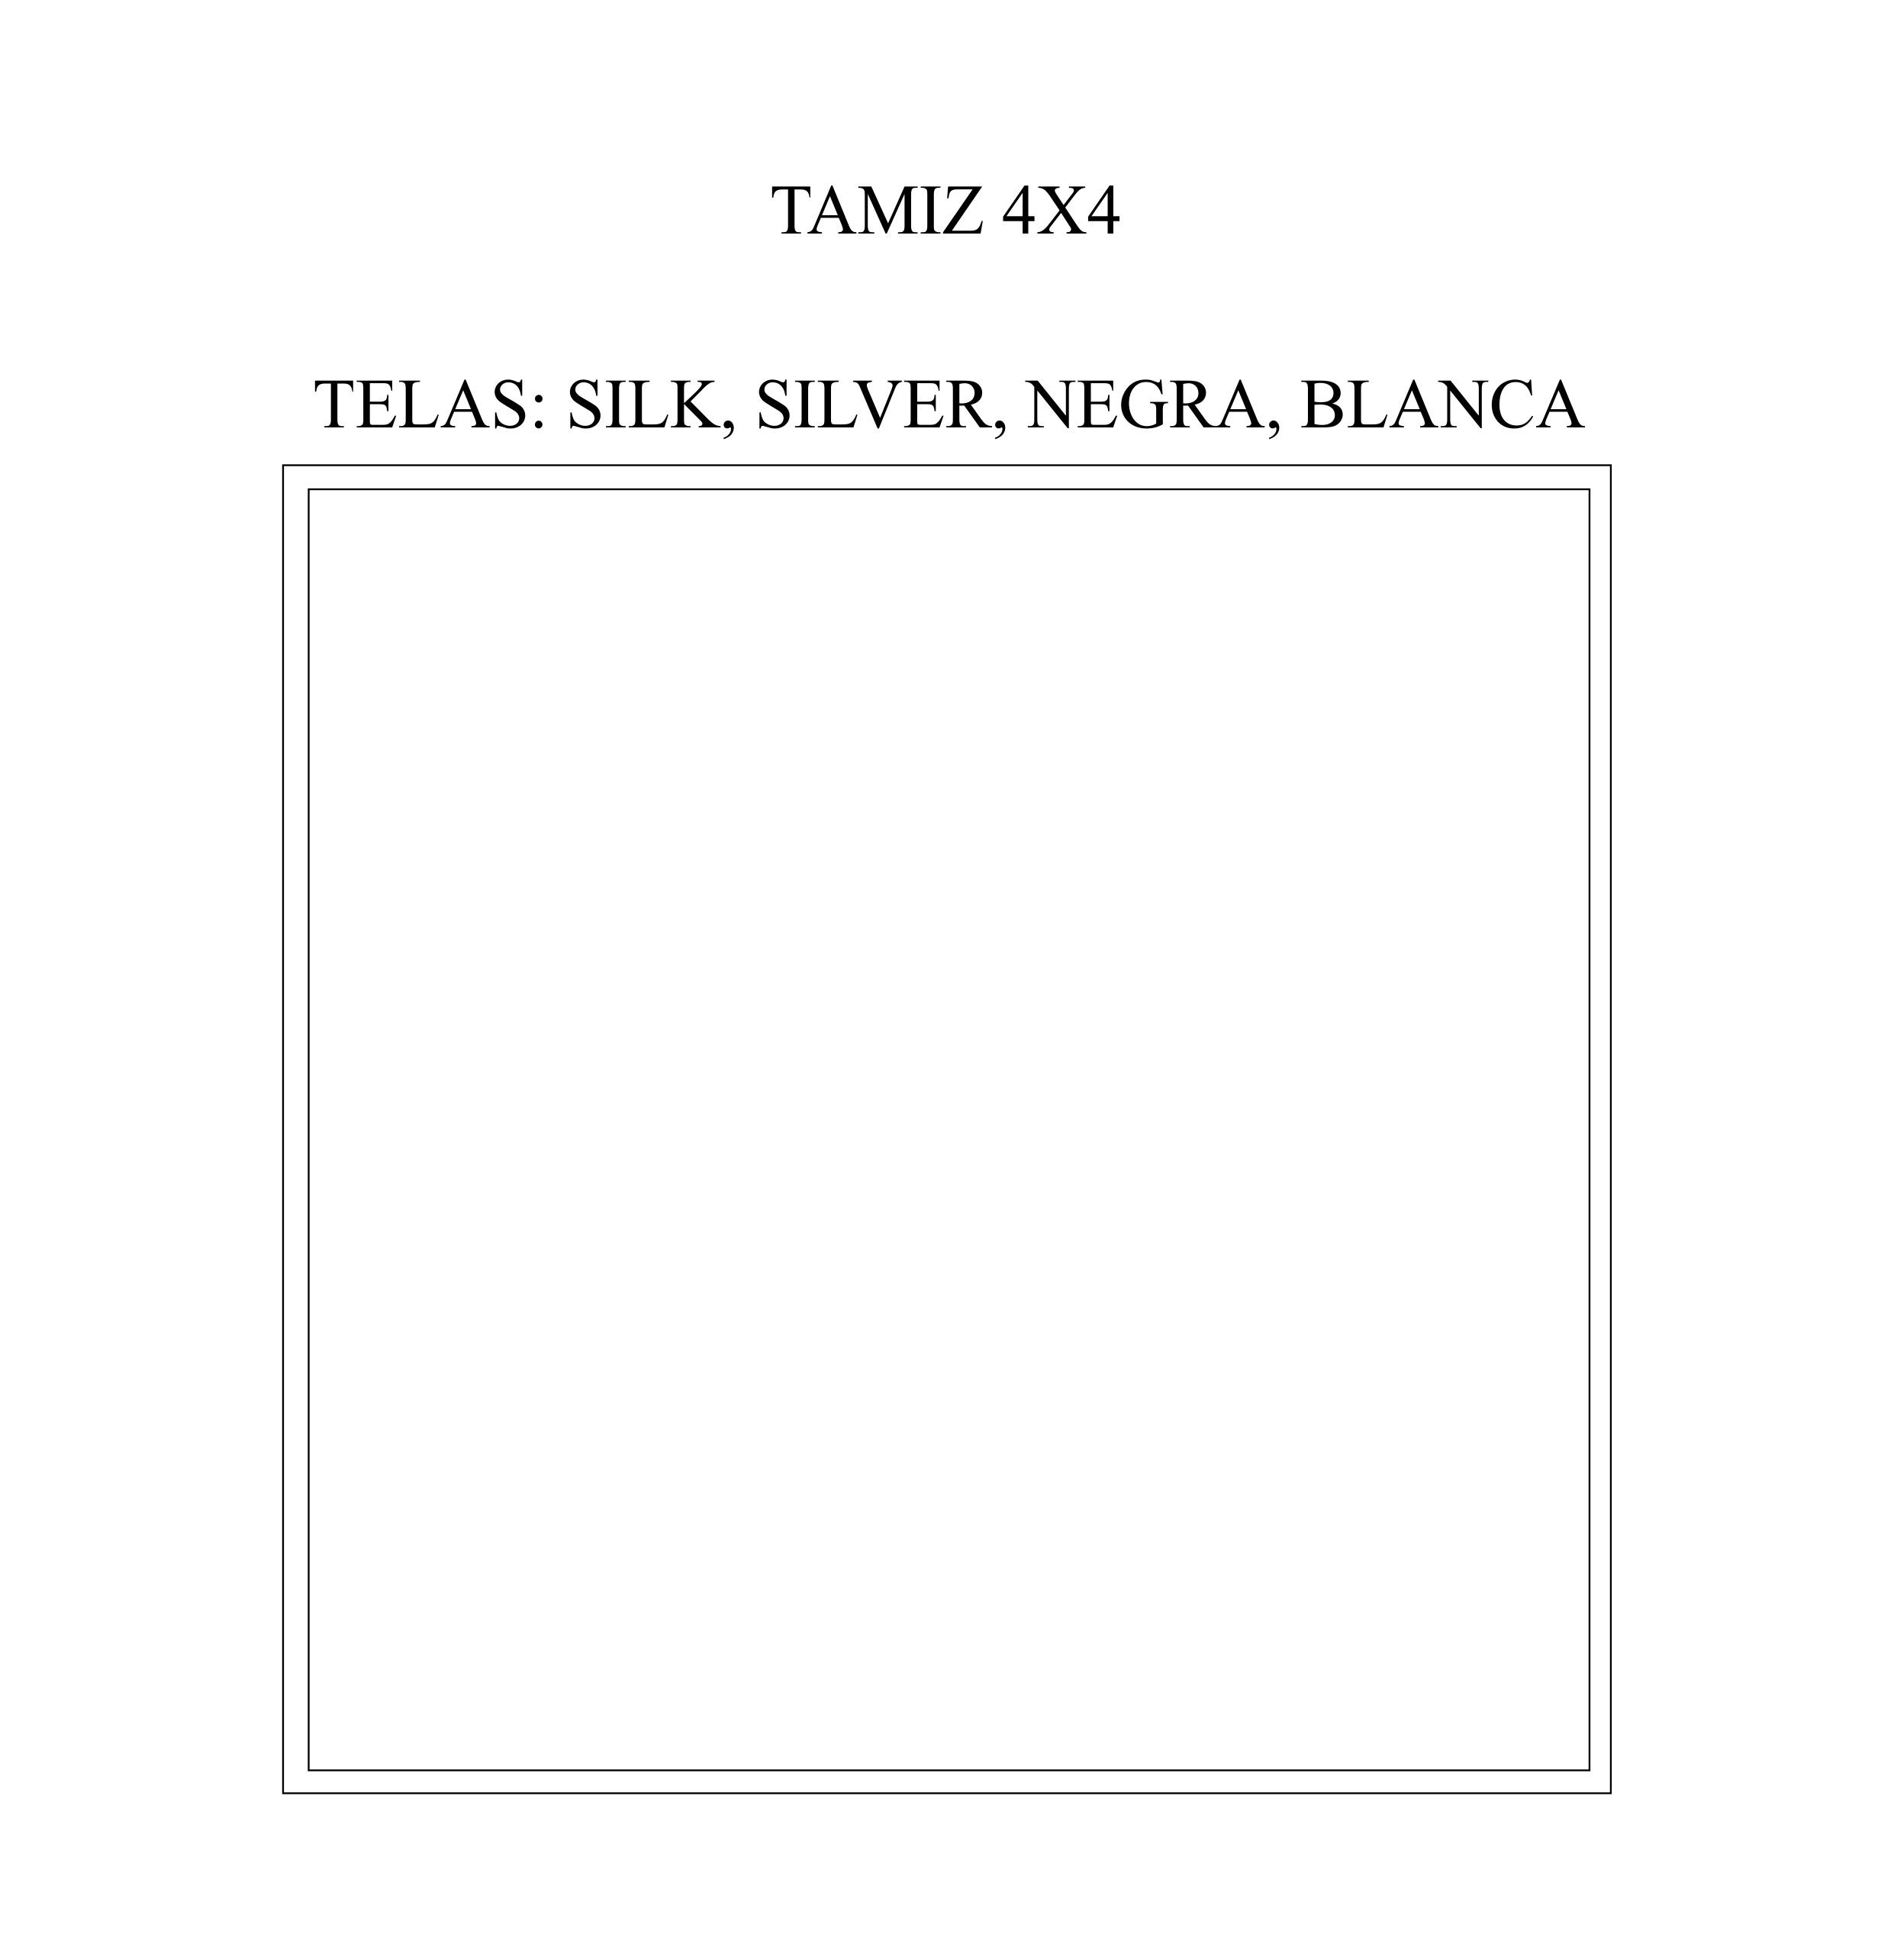 TAMIZ 4x4, 4x2 o 2x2